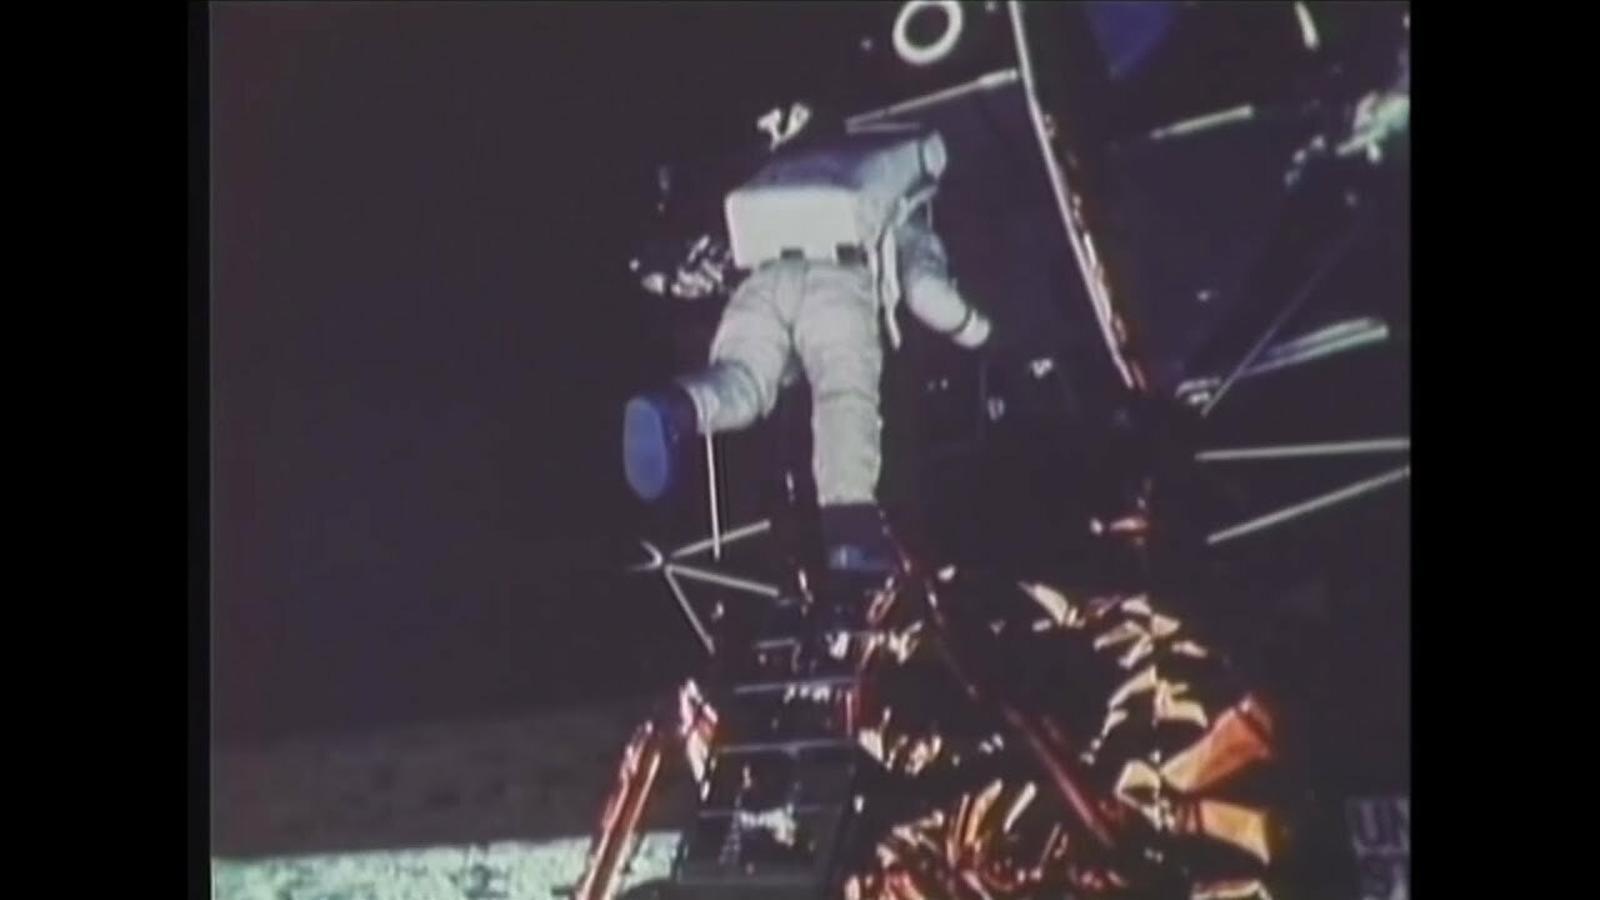 Les cinc coses que has de saber sobre l'arribada a la Lluna, per Rafael Clemente